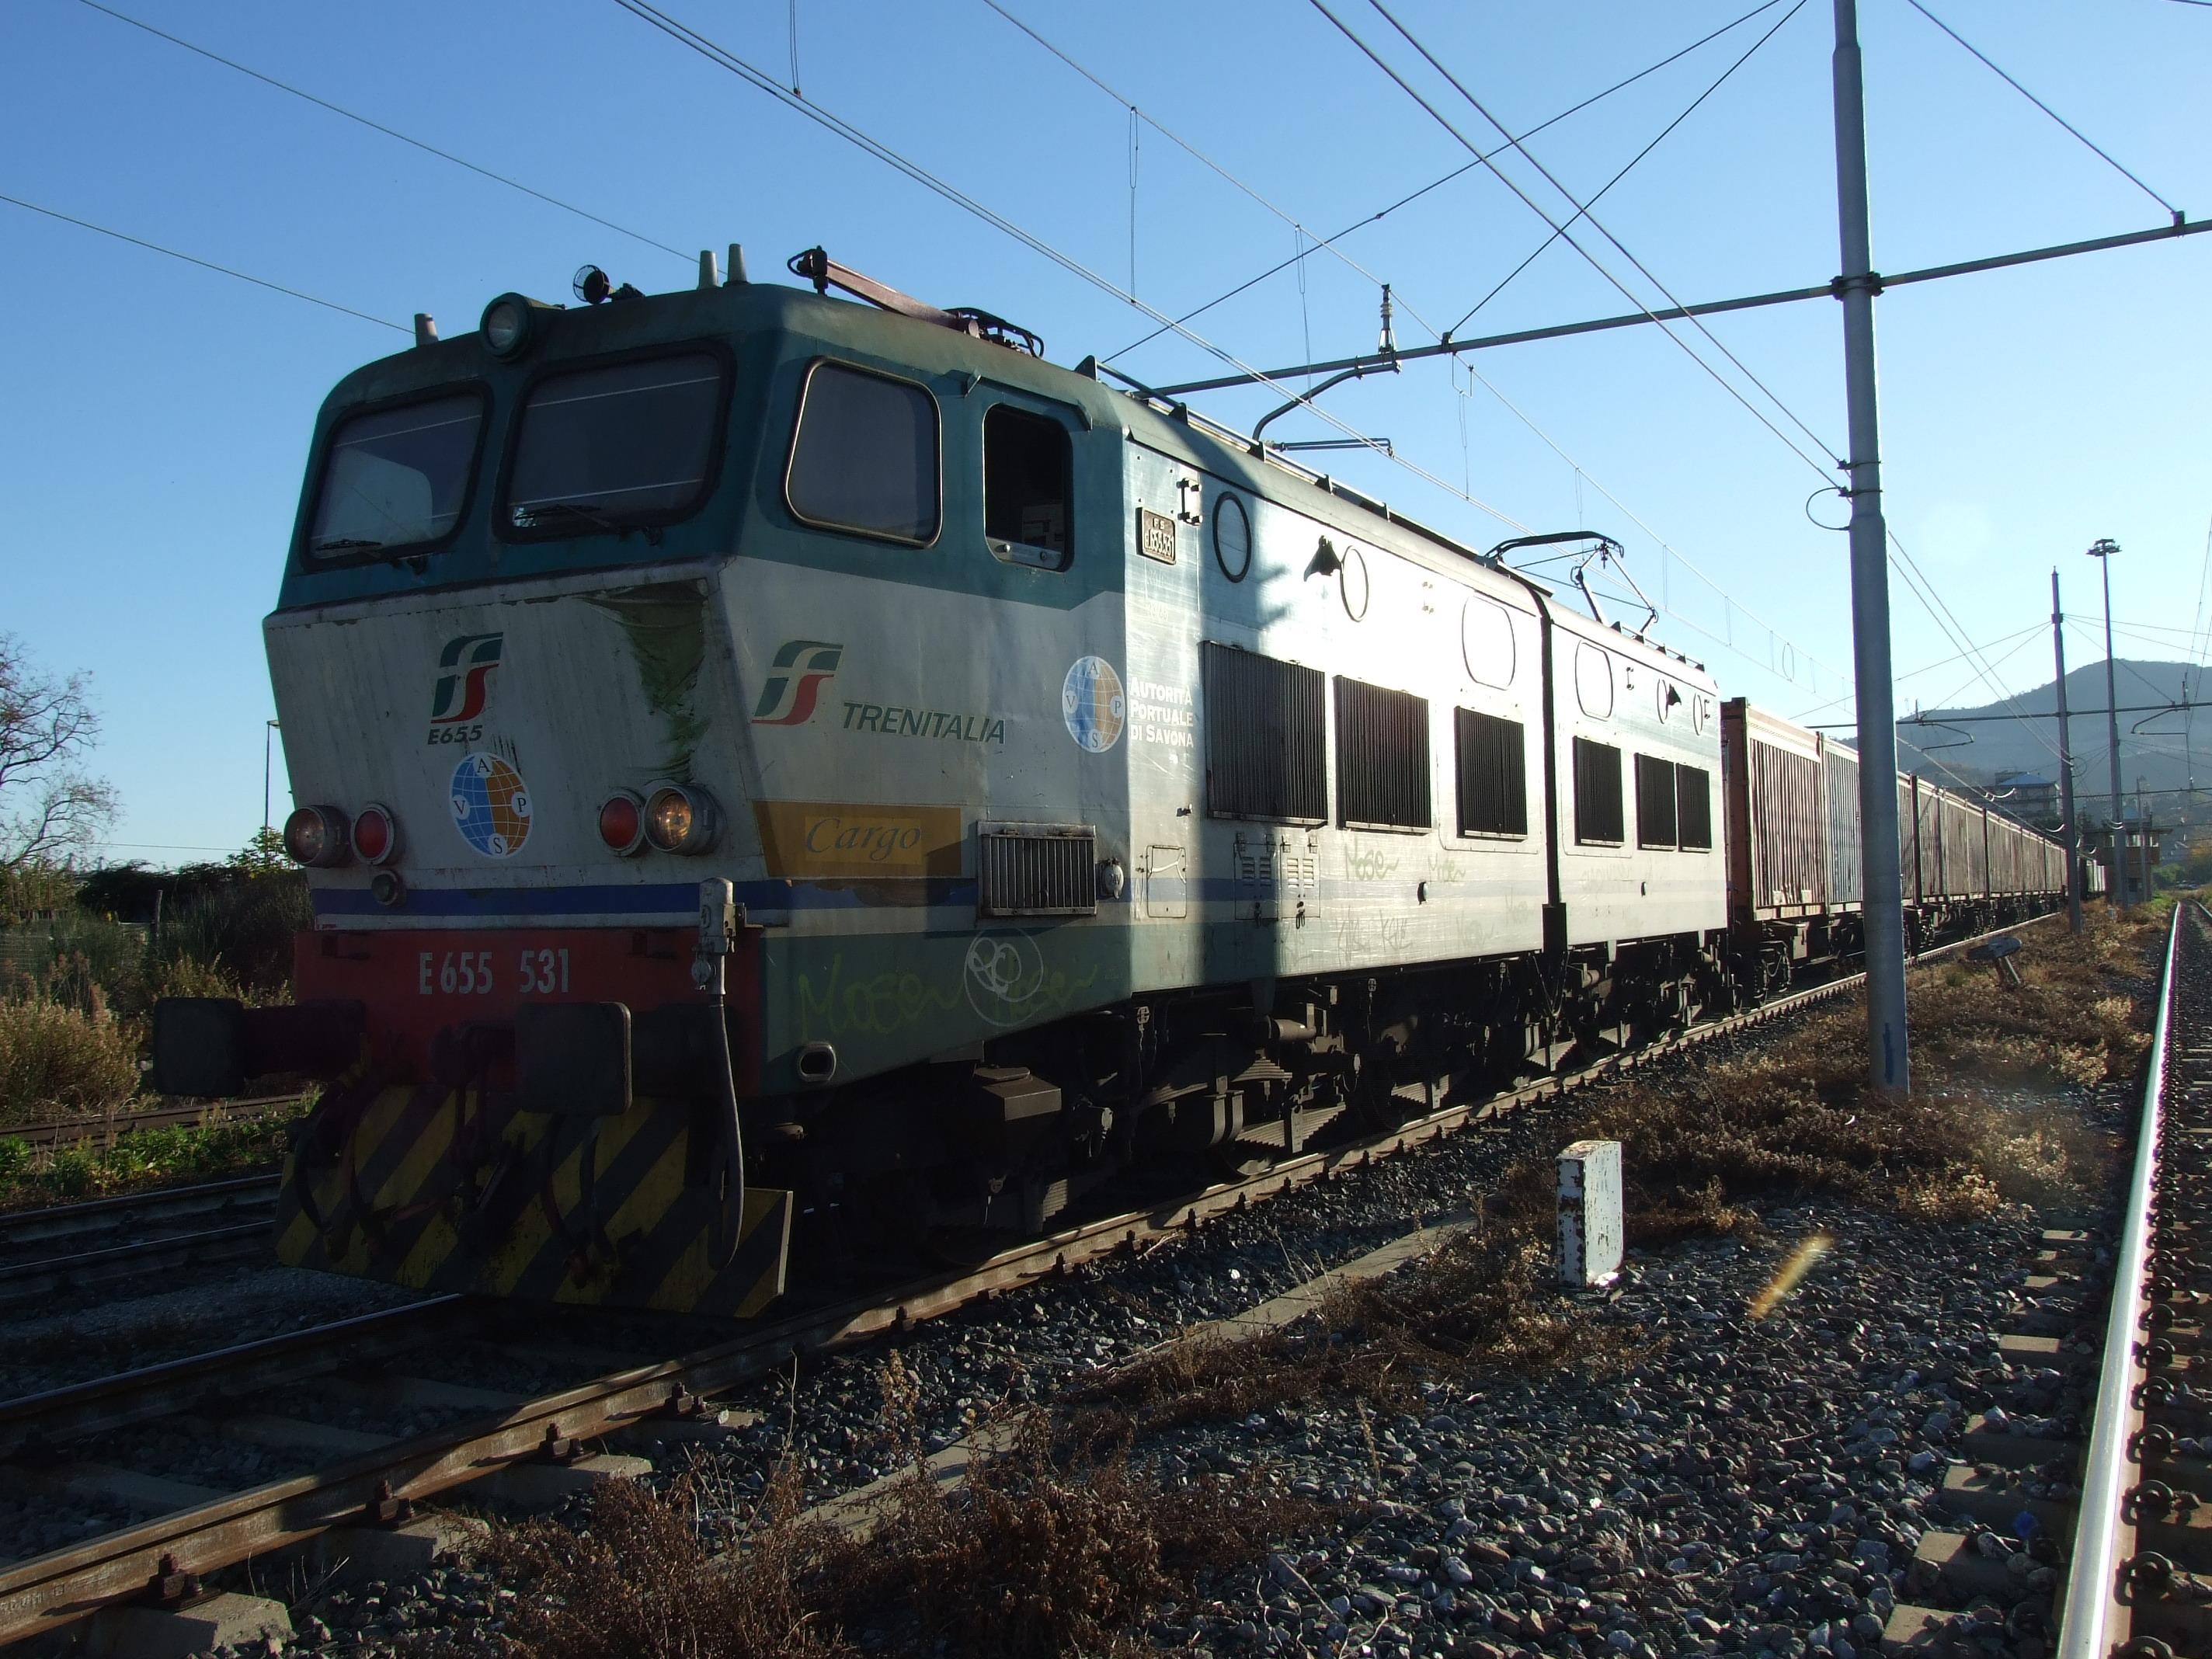 """Il """"treno di Natale"""" da Savona a Orbassano anticipa la Torino-Lione. Sedici carri con 24 contenitori, tra cui 7 container per il trasporto di frutta, viaggiano sul ferro e non più su gomma"""